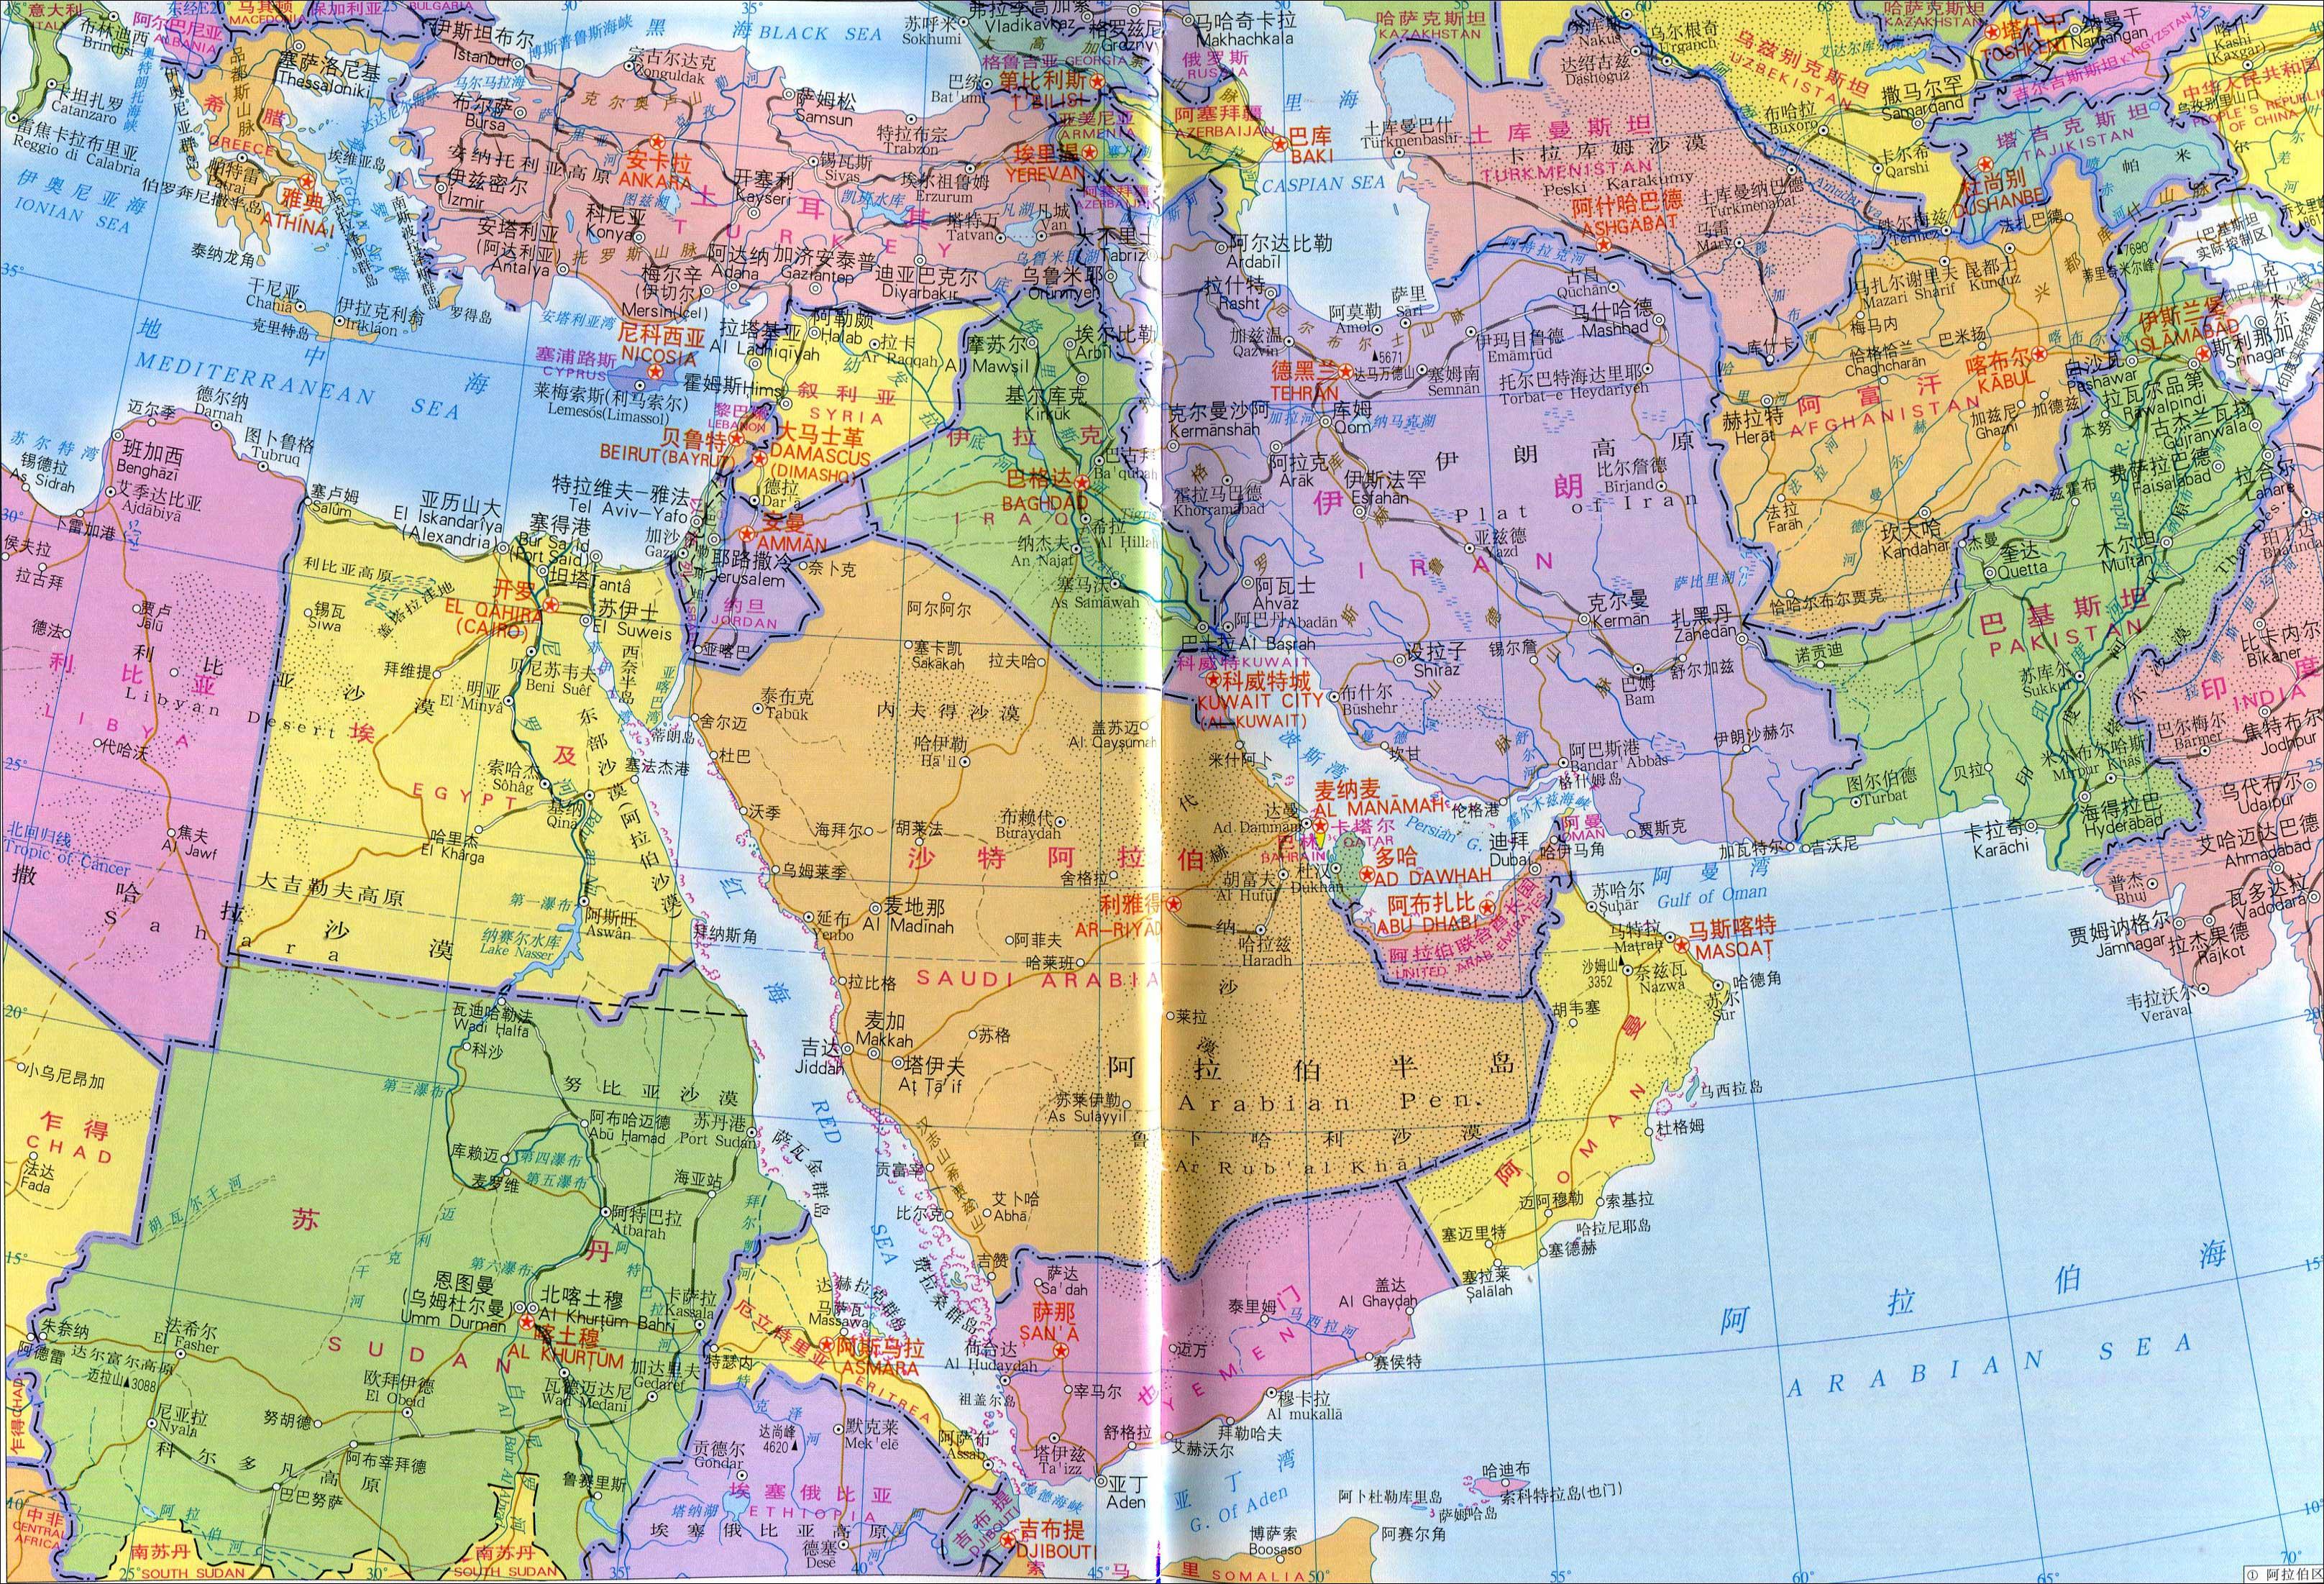 亚洲地形地图_亚洲地形图怎么画比较简单